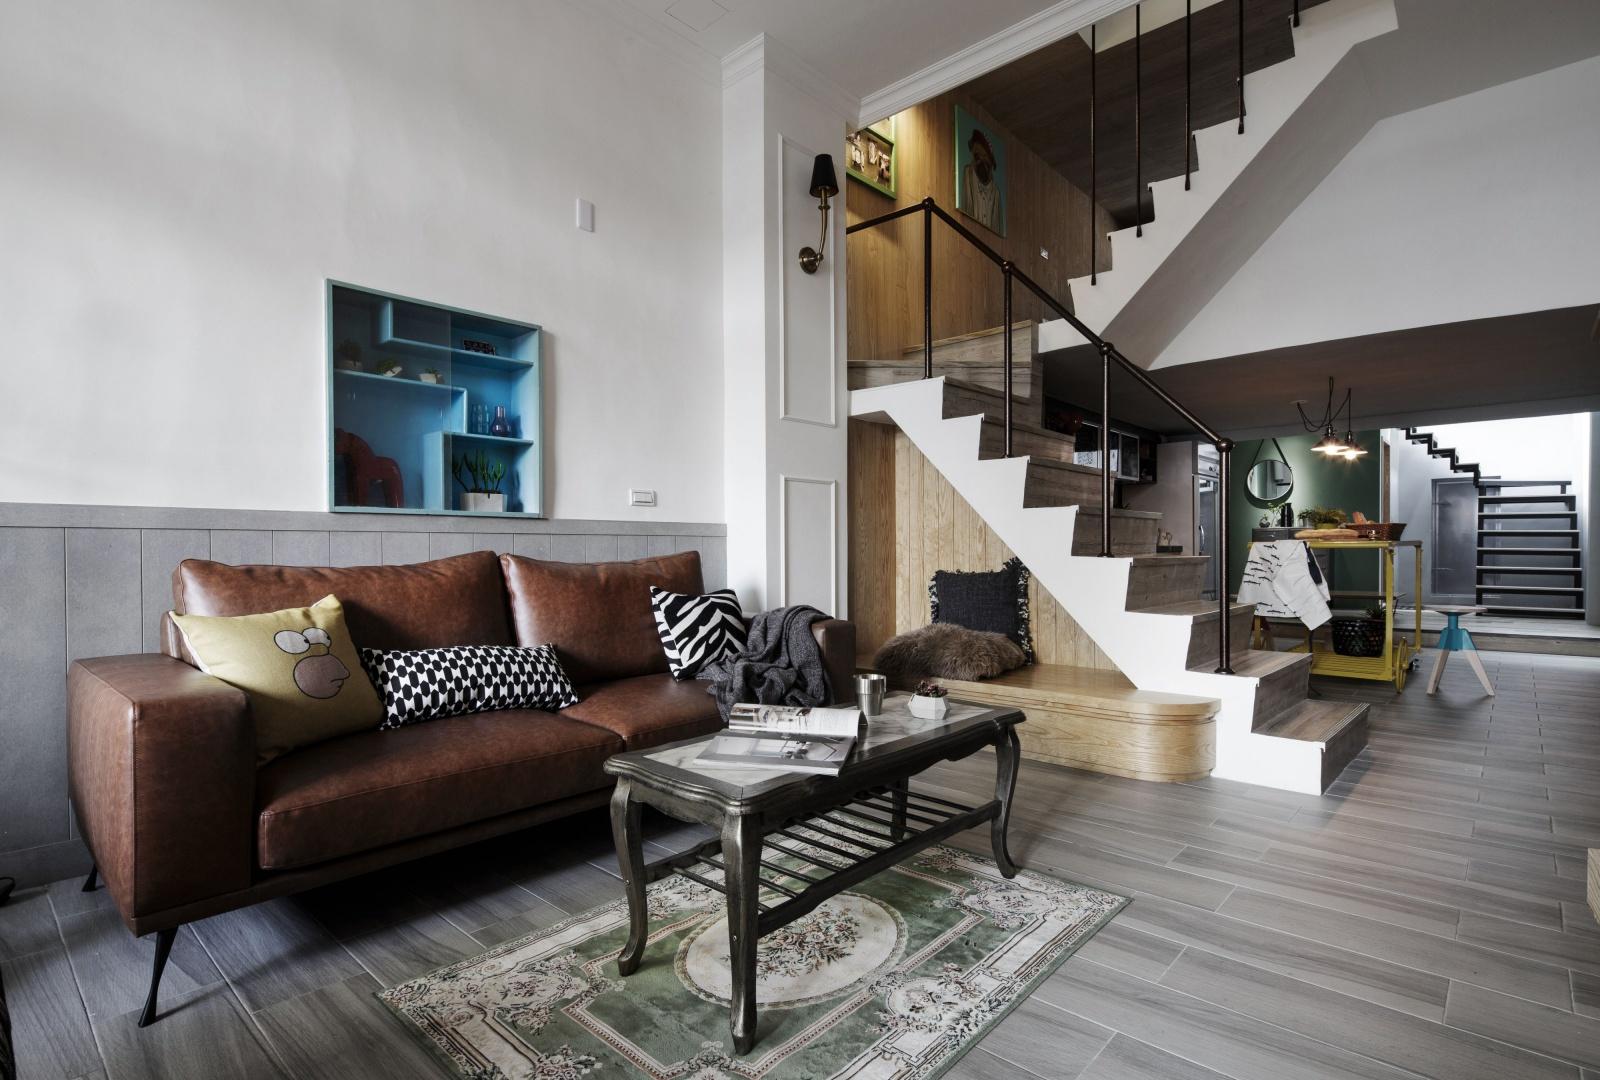 Wnętrza wykończono z dbałością o każdy szczegół. Otwarta klatka schodowa współgra wizualnie z resztą wnętrza: stopnie schodów wykończono taką samą posadzką jak podłogi, a poręcze korespondują stylistyką z oświetleniem w przedpokoju. Pod schodami zaplanowano niewielki podest. W powstałym kąciku można usiąść lub ustawić dekoracje. Projekt: HAO Design Studio. Fot. Joey Liu.